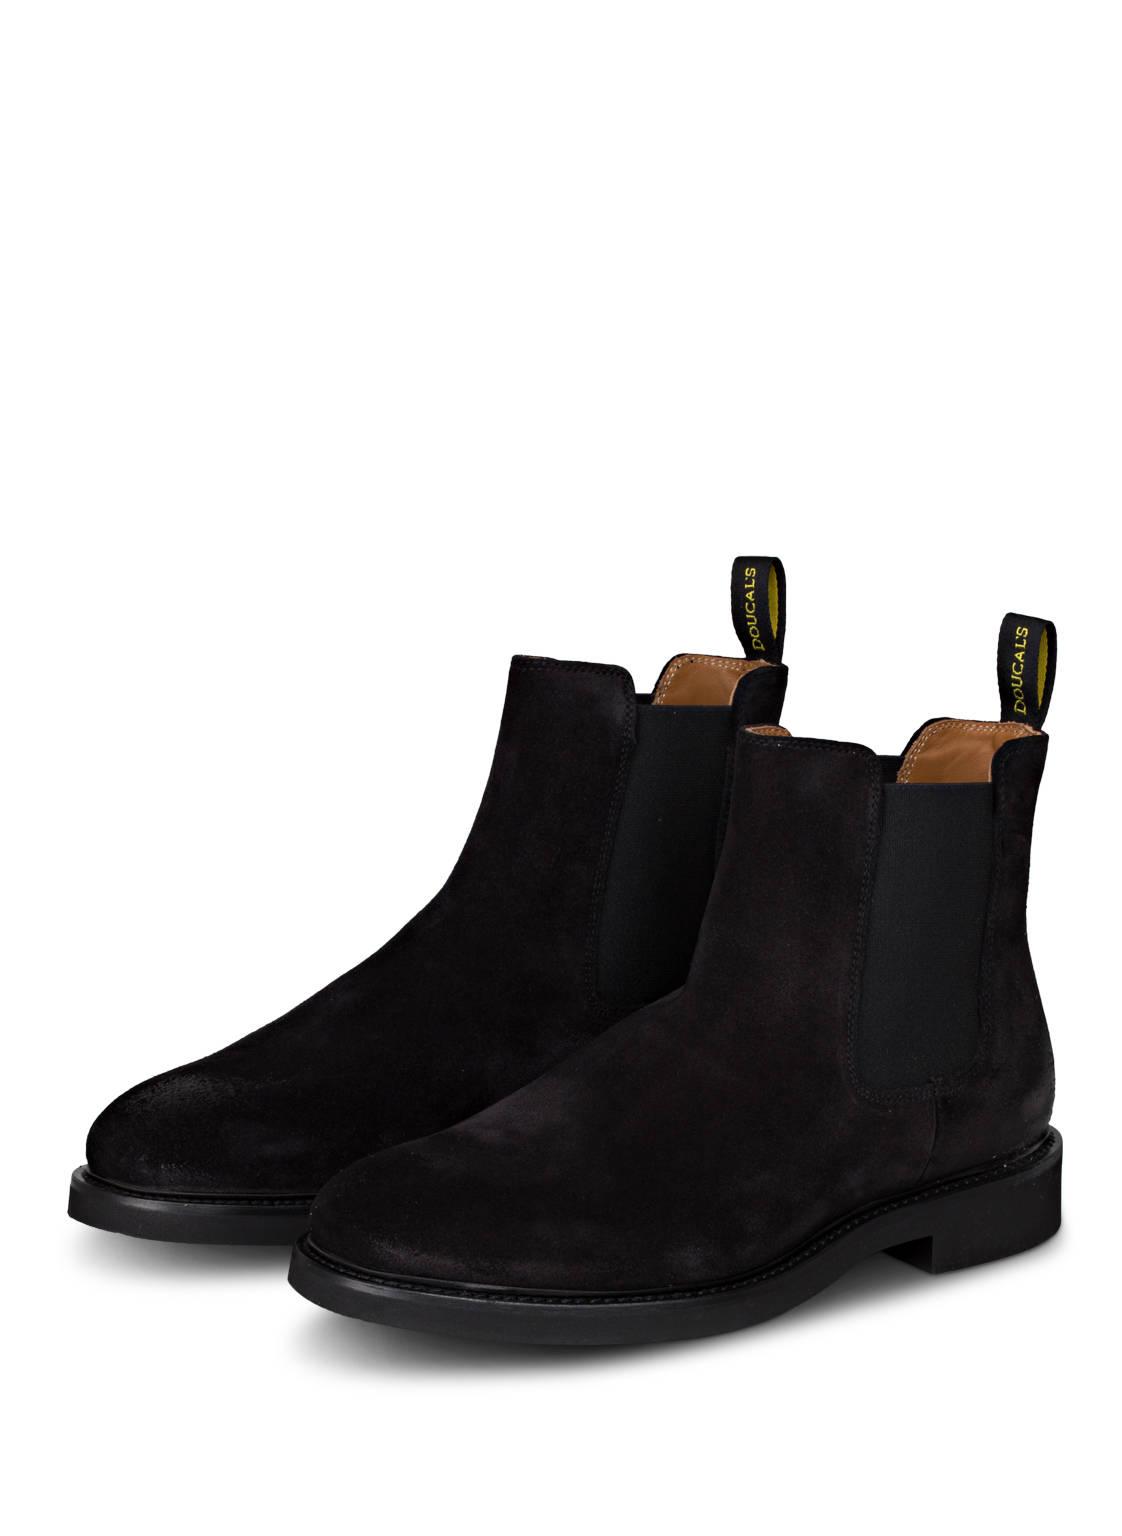 Herren Schuhe Chelsea-Boots von DOUCAL'S